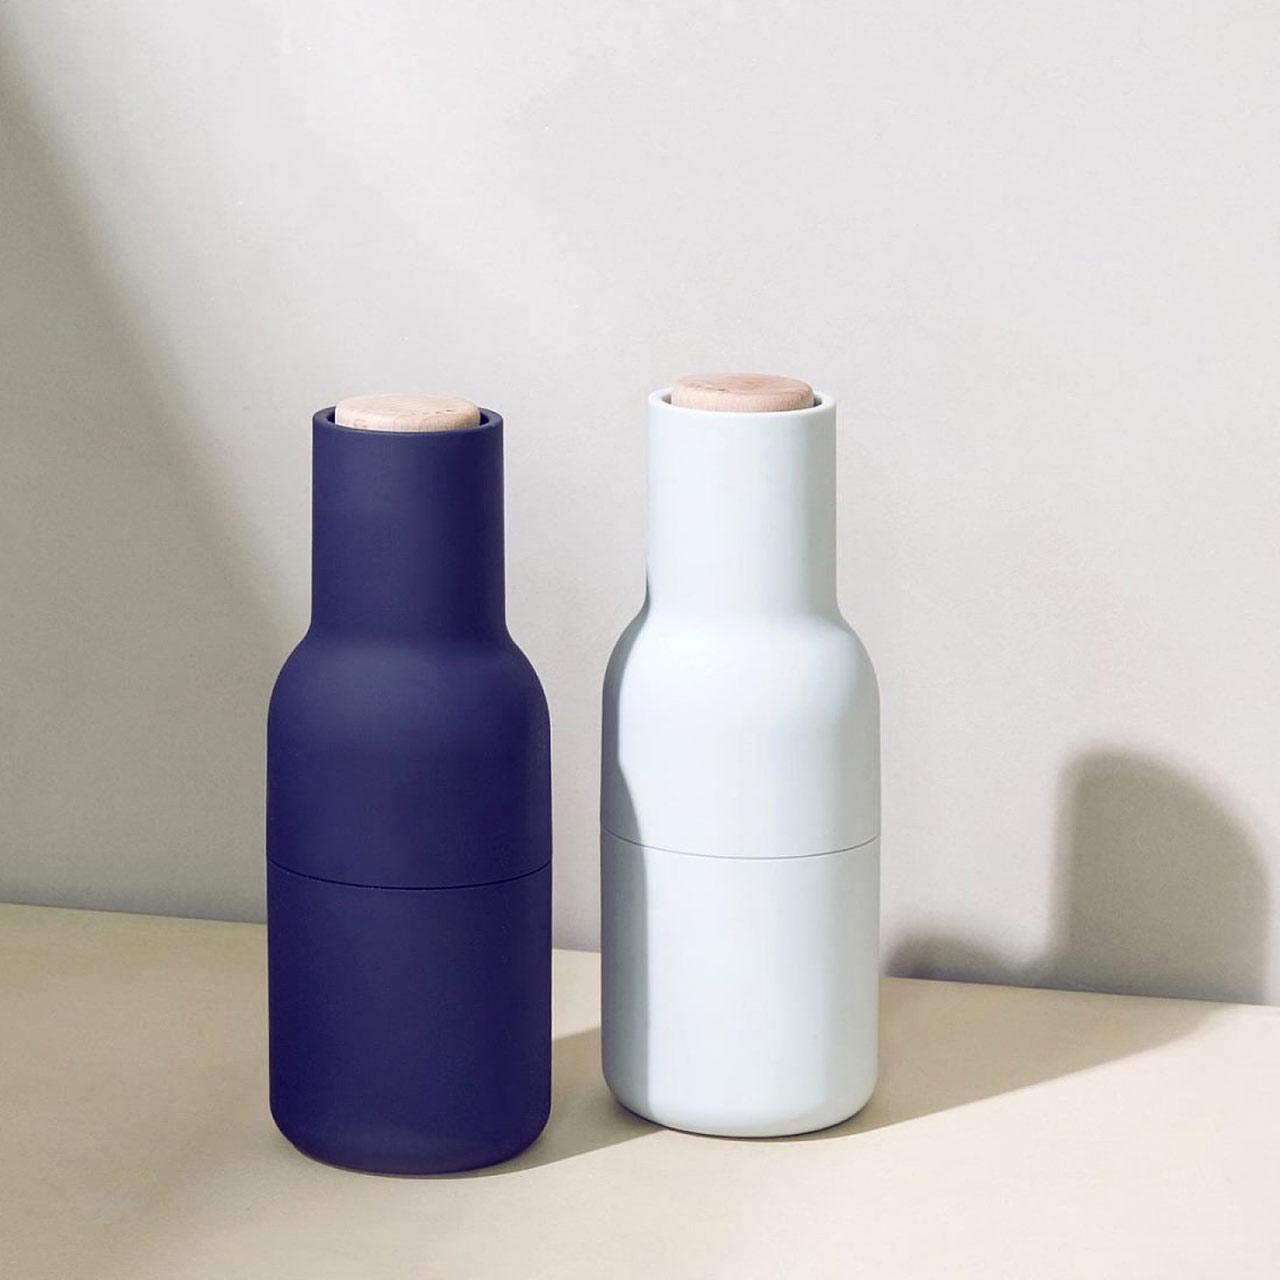 Menu Norm salt & pepper bottle grinder set in classic blue | the design gift shop